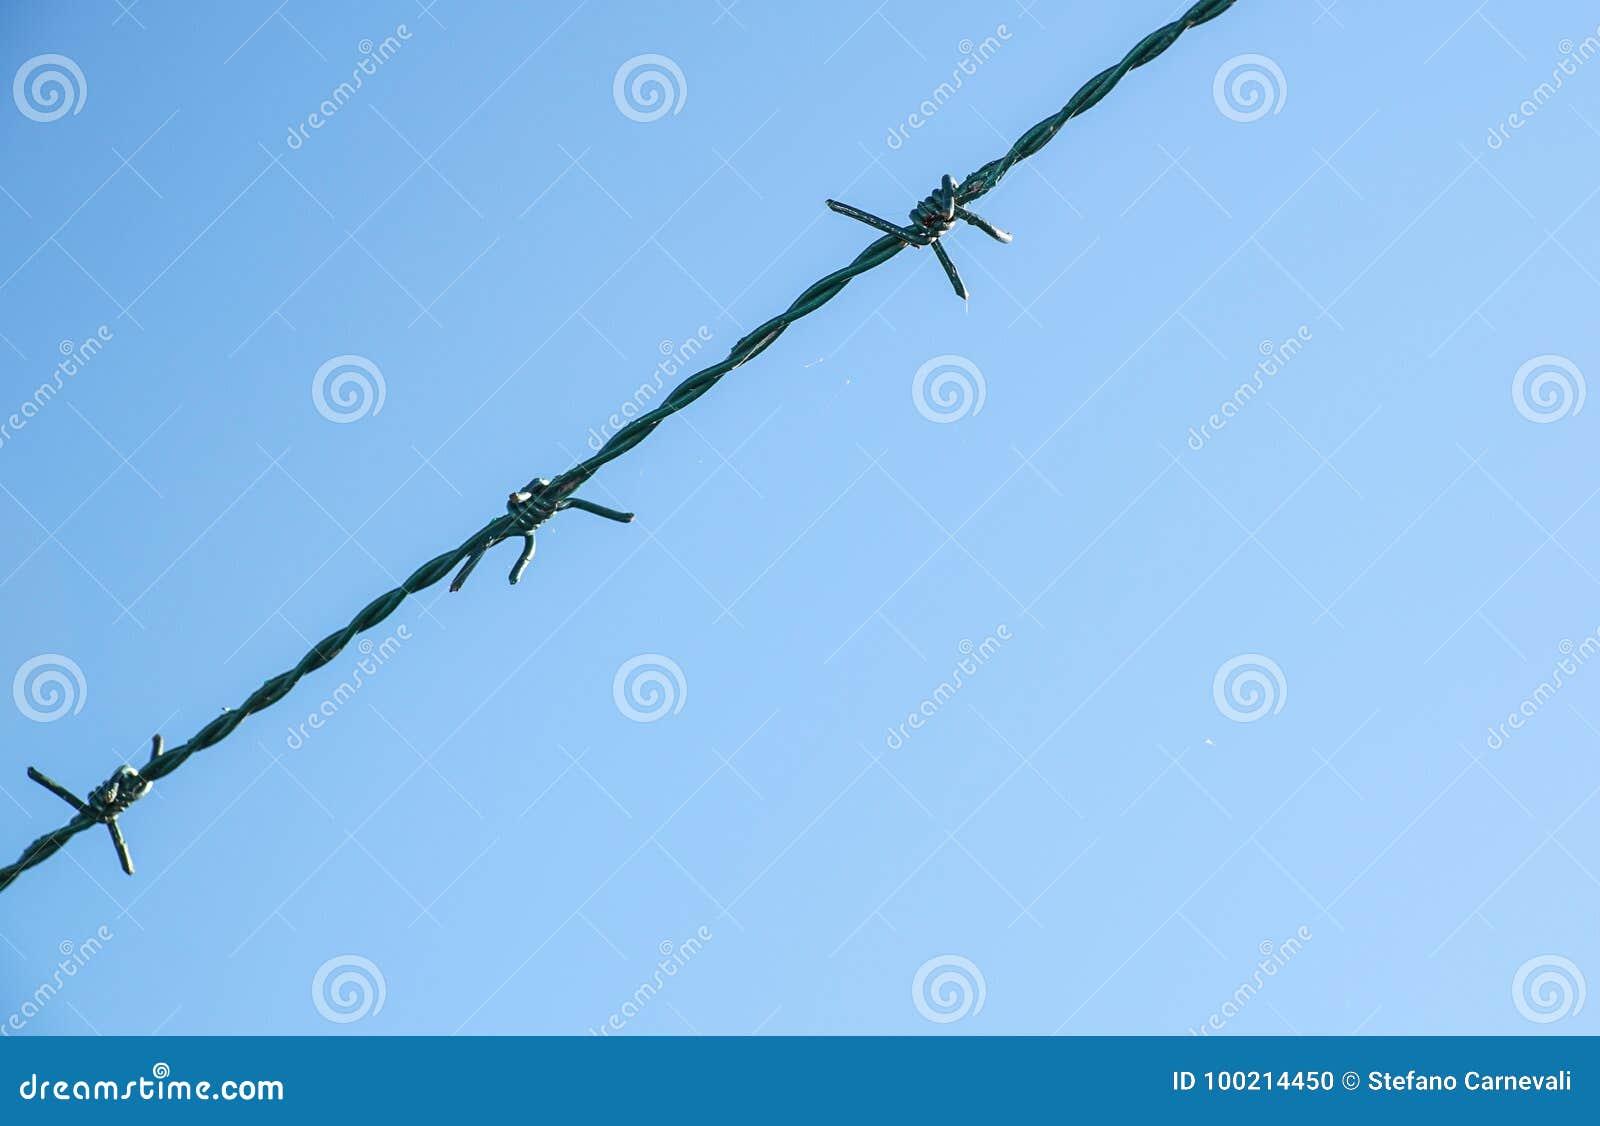 Fio enrolado da lâmina com suas farpas de aço afiadas sobre uma cerca de perímetro da malha assegurando a segurança